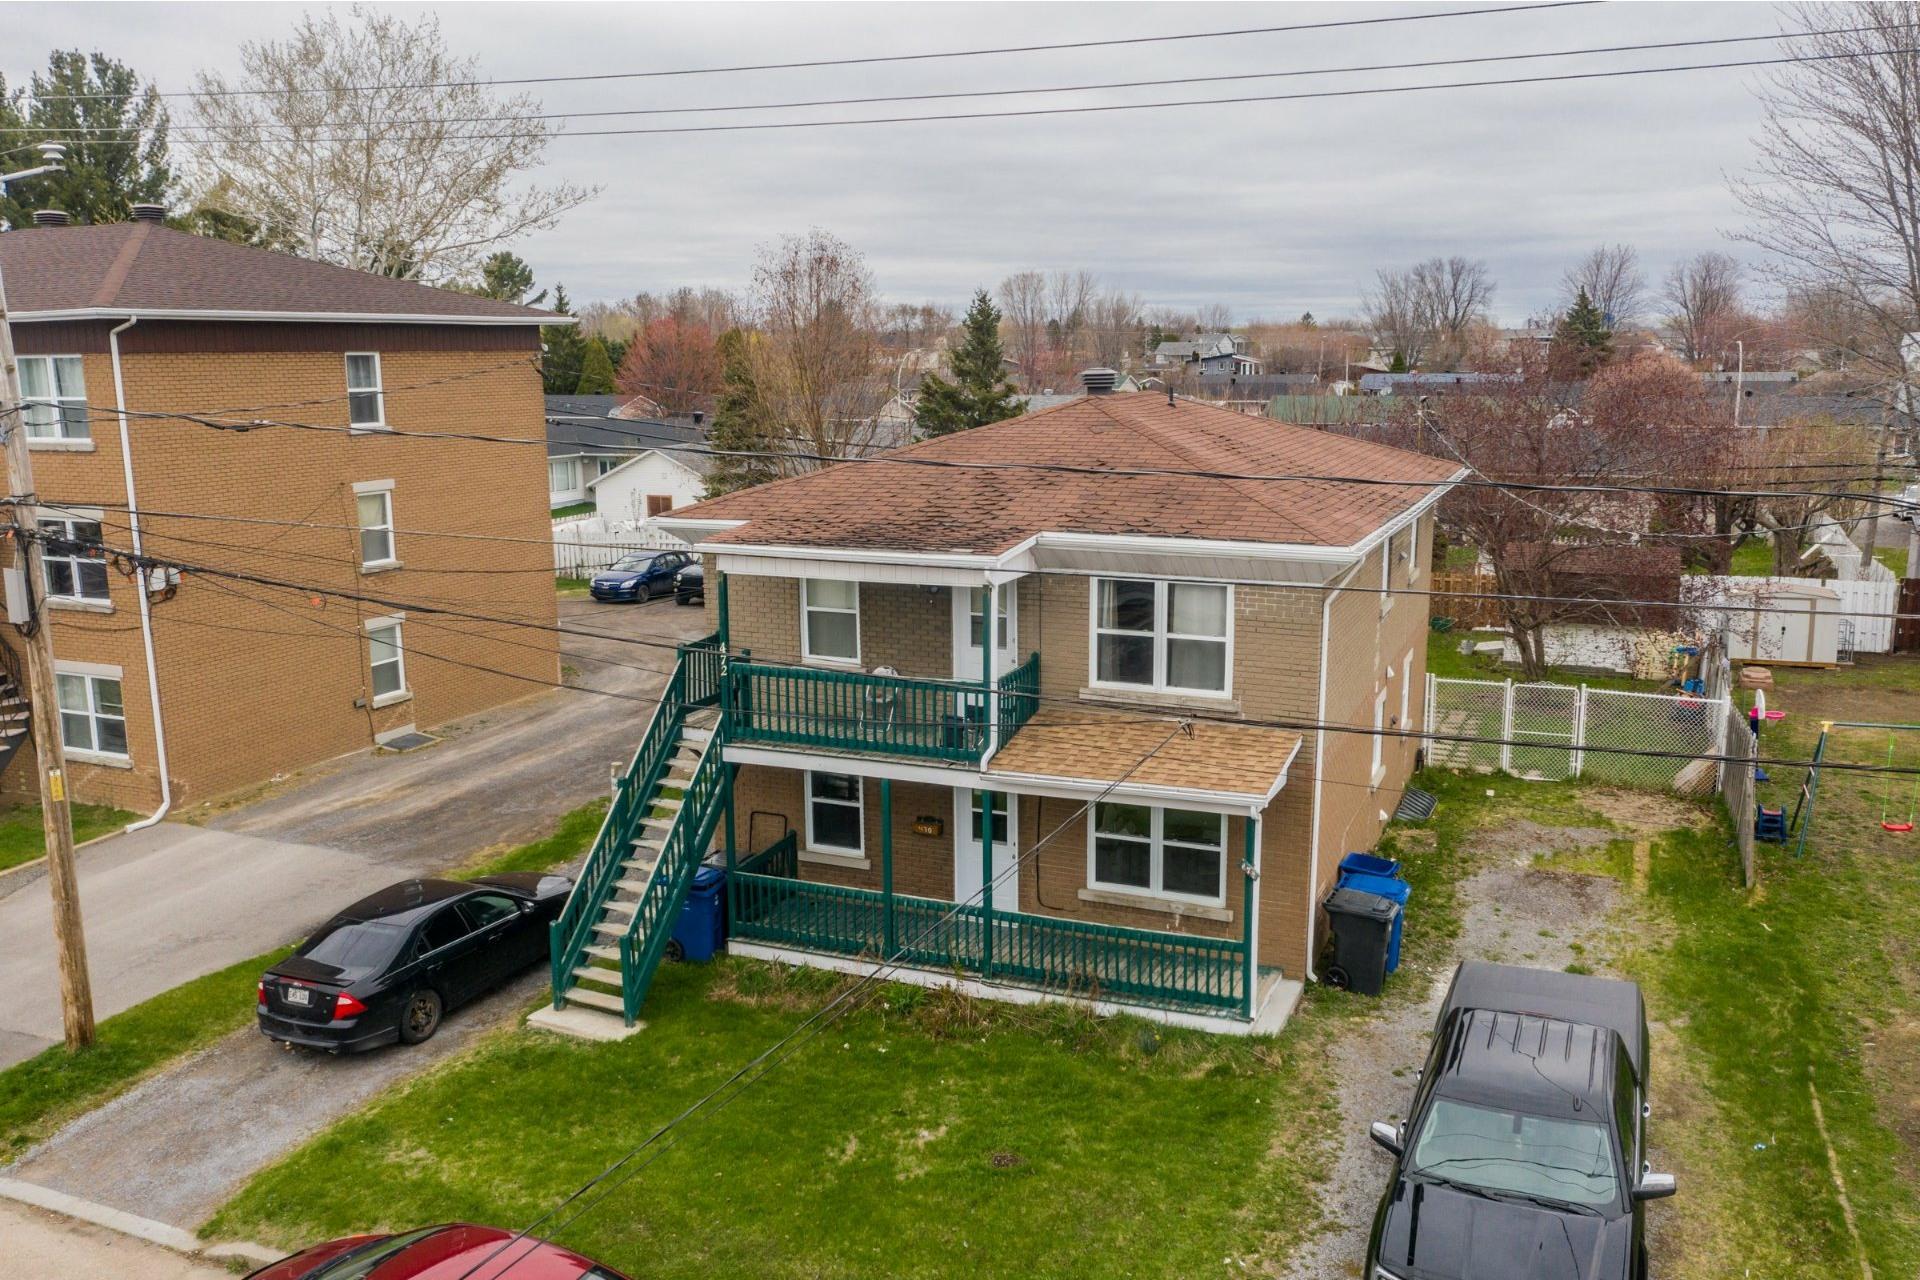 image 3 - Duplex For sale Trois-Rivières - 5 rooms